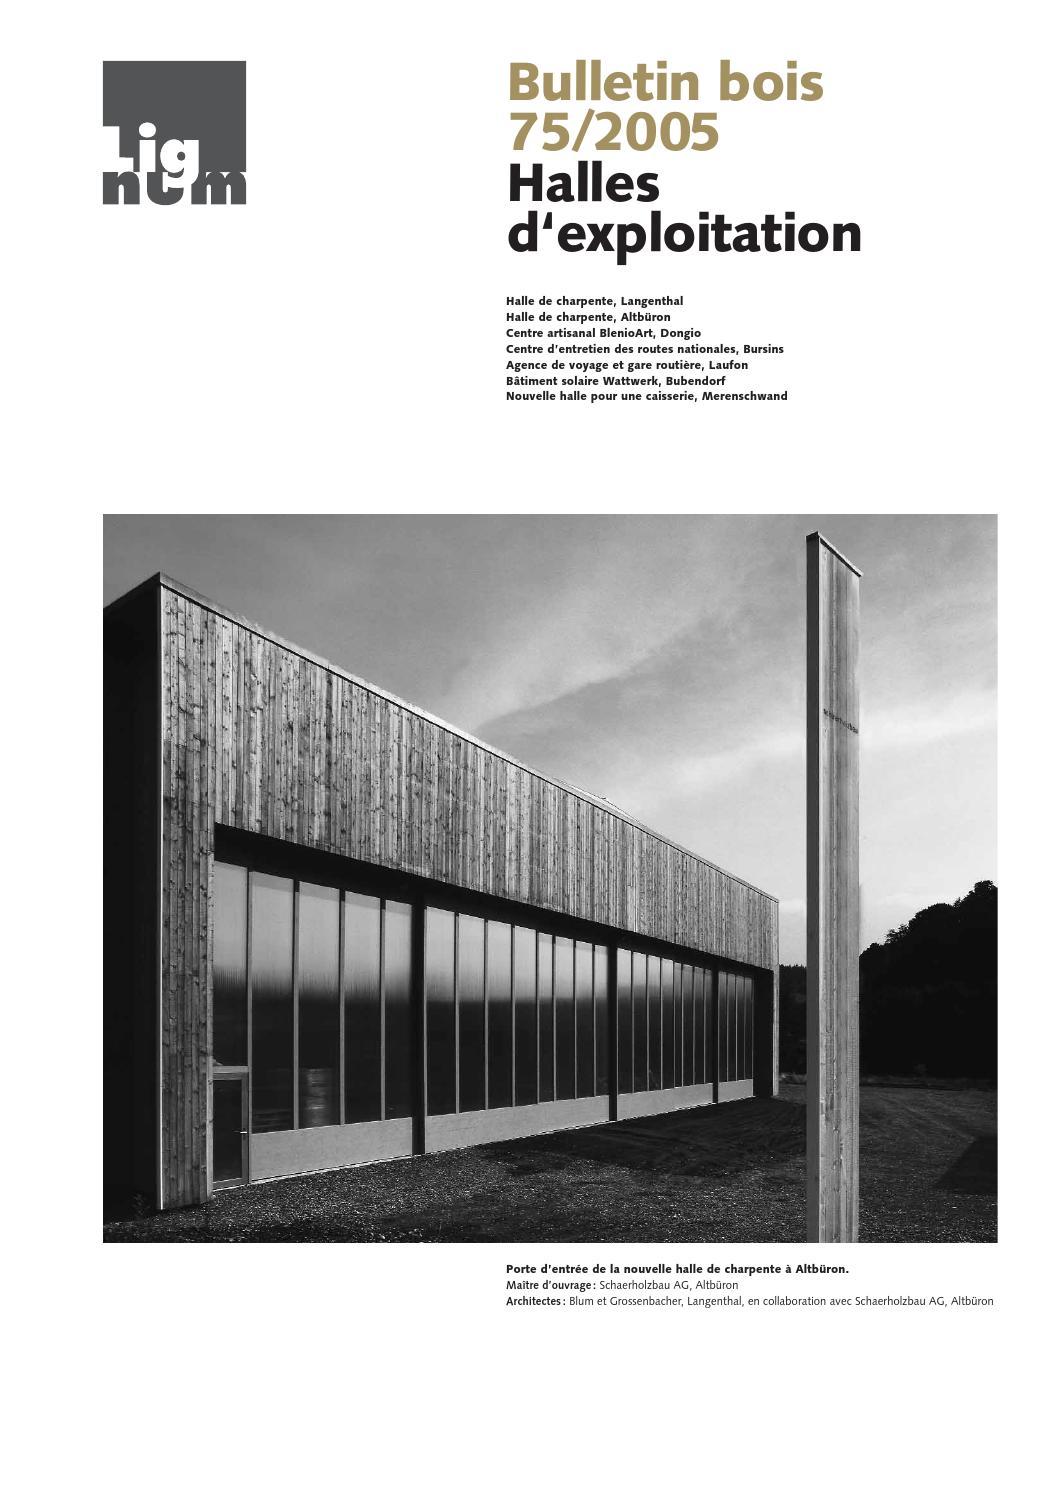 Bulletin bois 75 2005 by Lignum - issuu 5129bde3836f